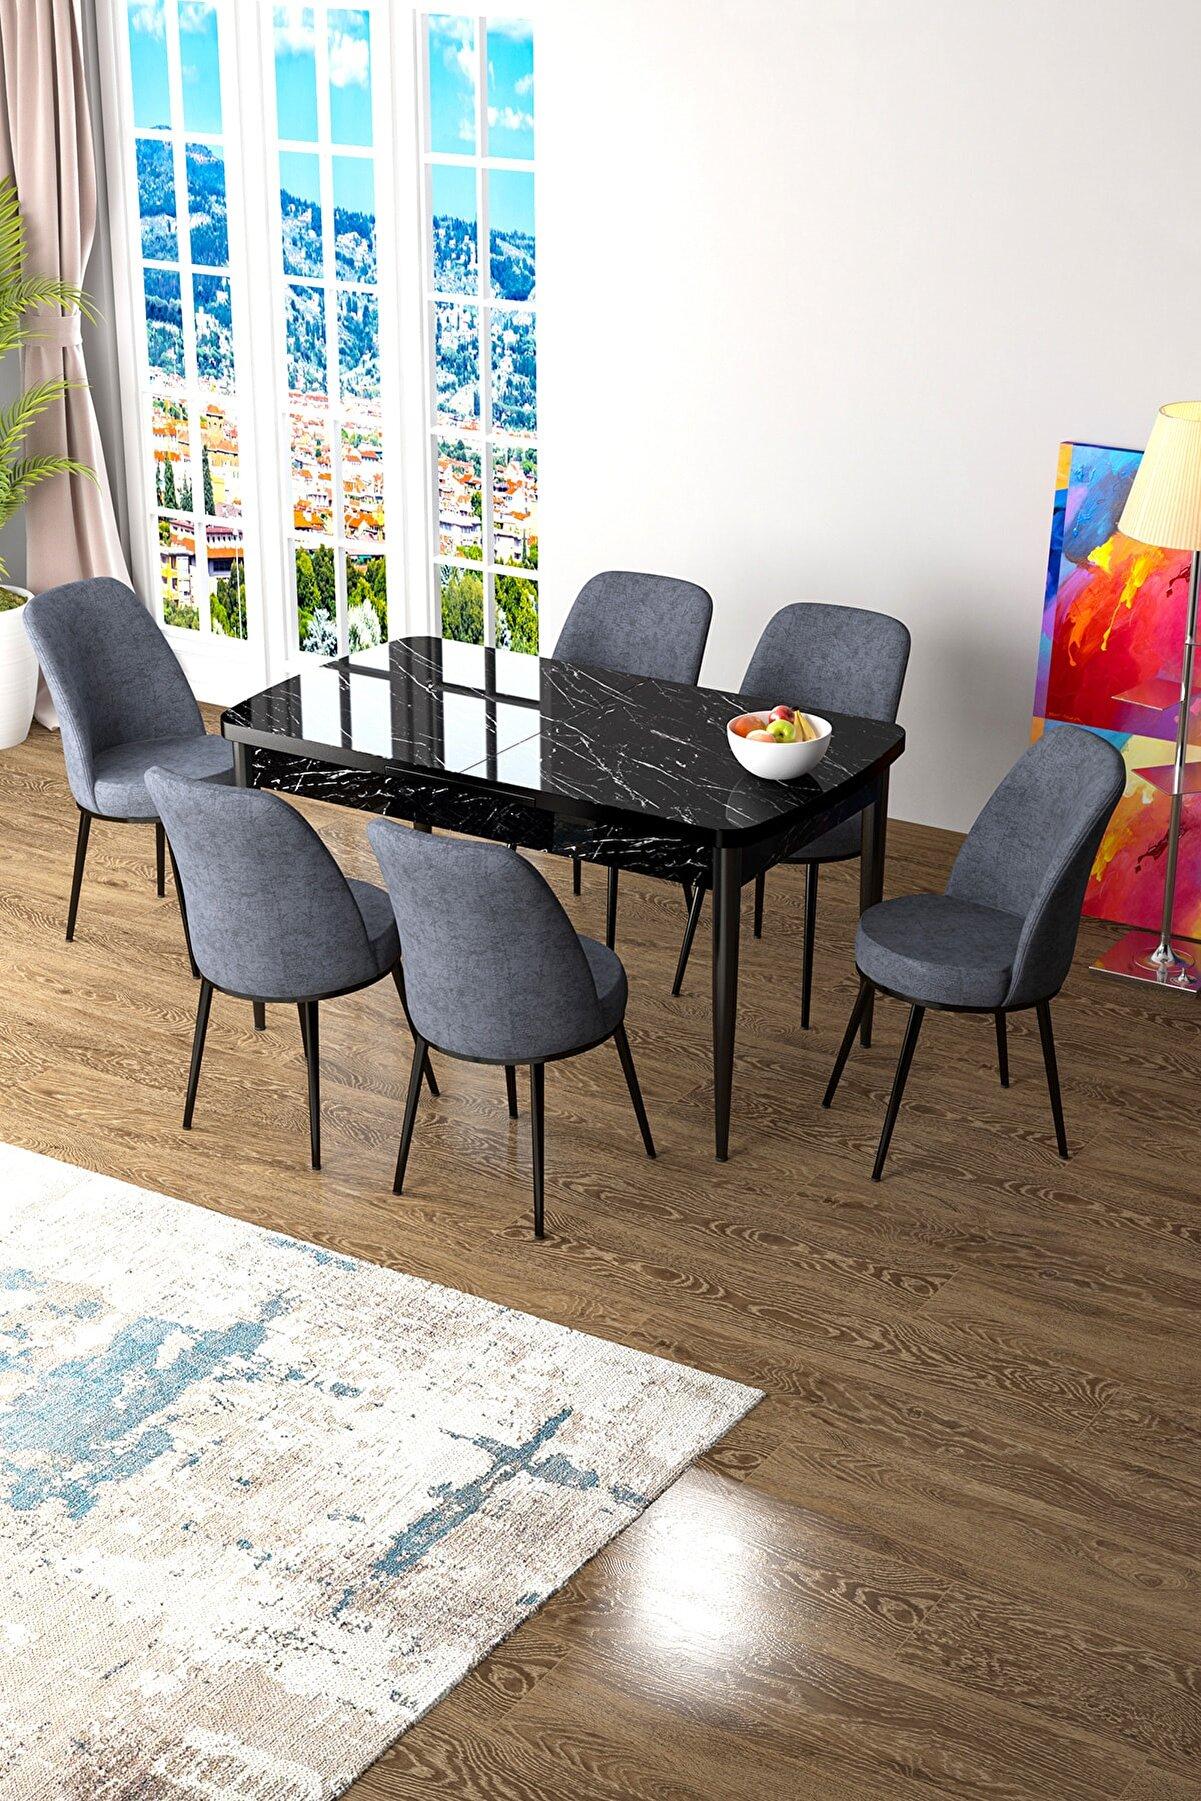 Canisa Concept Zen Serisi Mdf Açılabilir Mutfak Masa Takımı -siyah Mermer Desenli Masa +6 Füme Sandalye